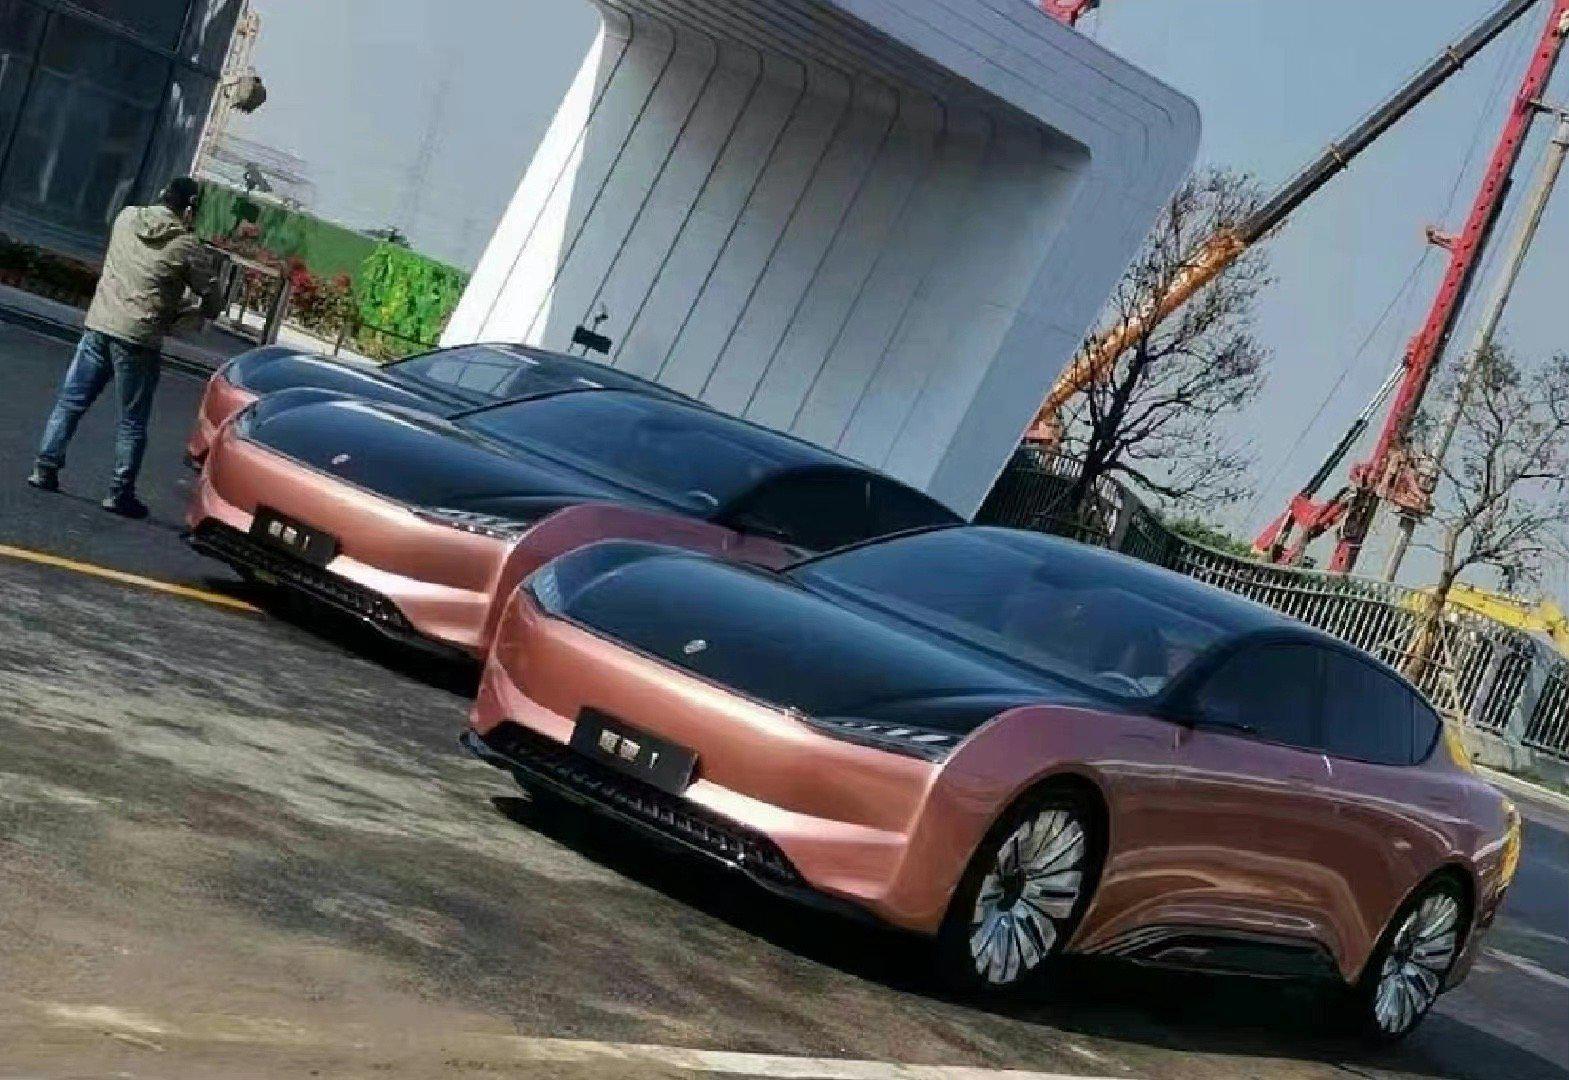 恒大汽车的第一款车恒驰1,实话实说,这外观你们觉得怎么样?